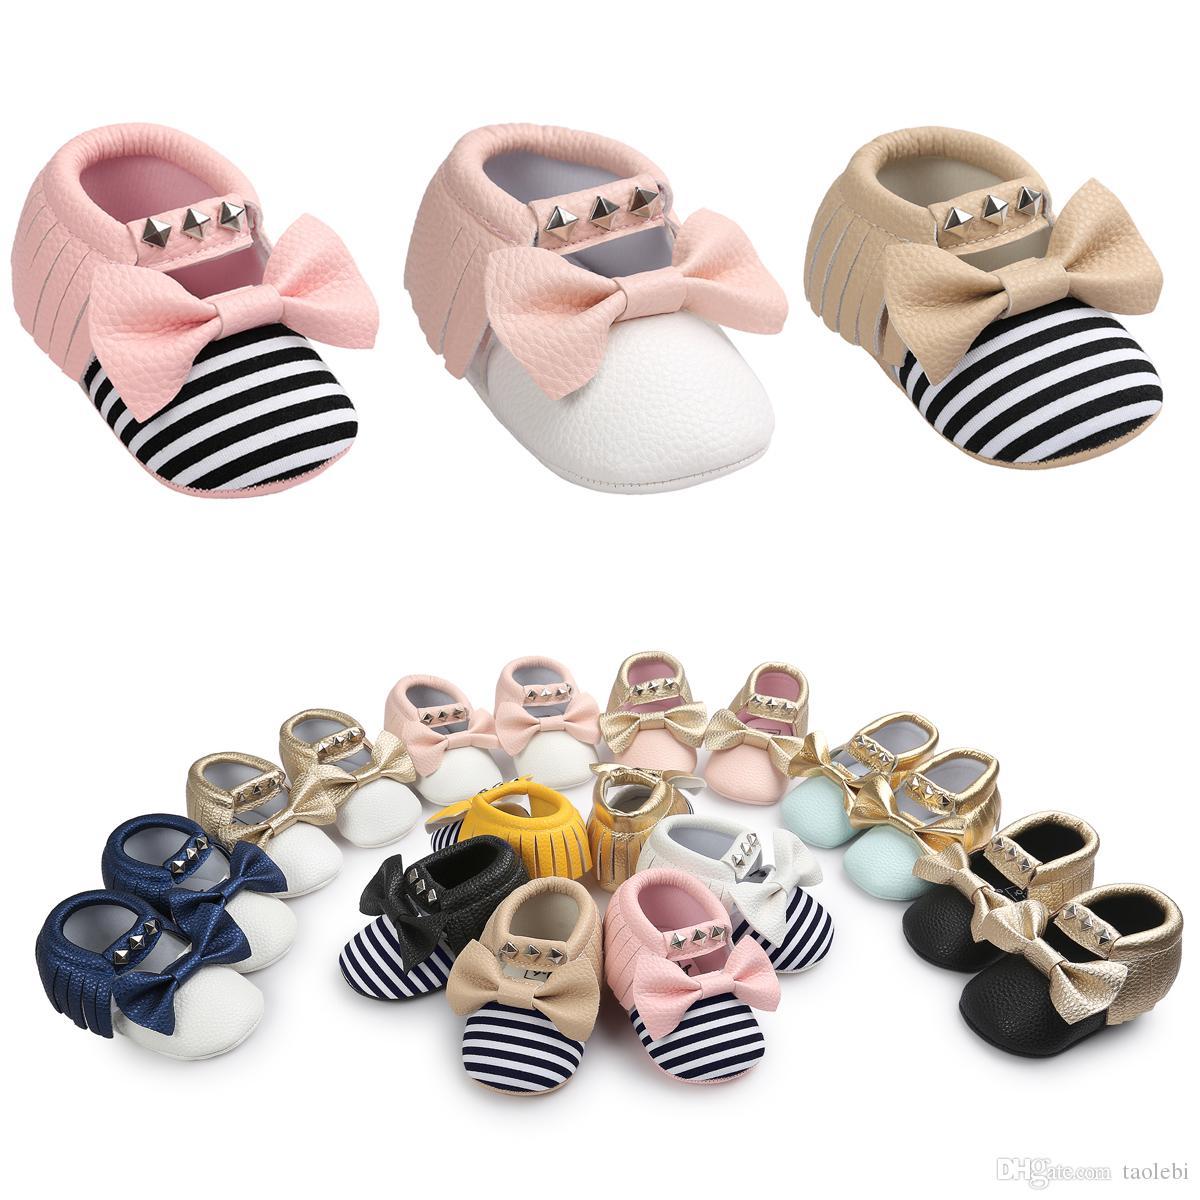 2017最新のスタイルベビーソフトタッセルモカシンズガールズモッコベビーブーティーシューズちょう結びデザインベビーモック幼児の靴